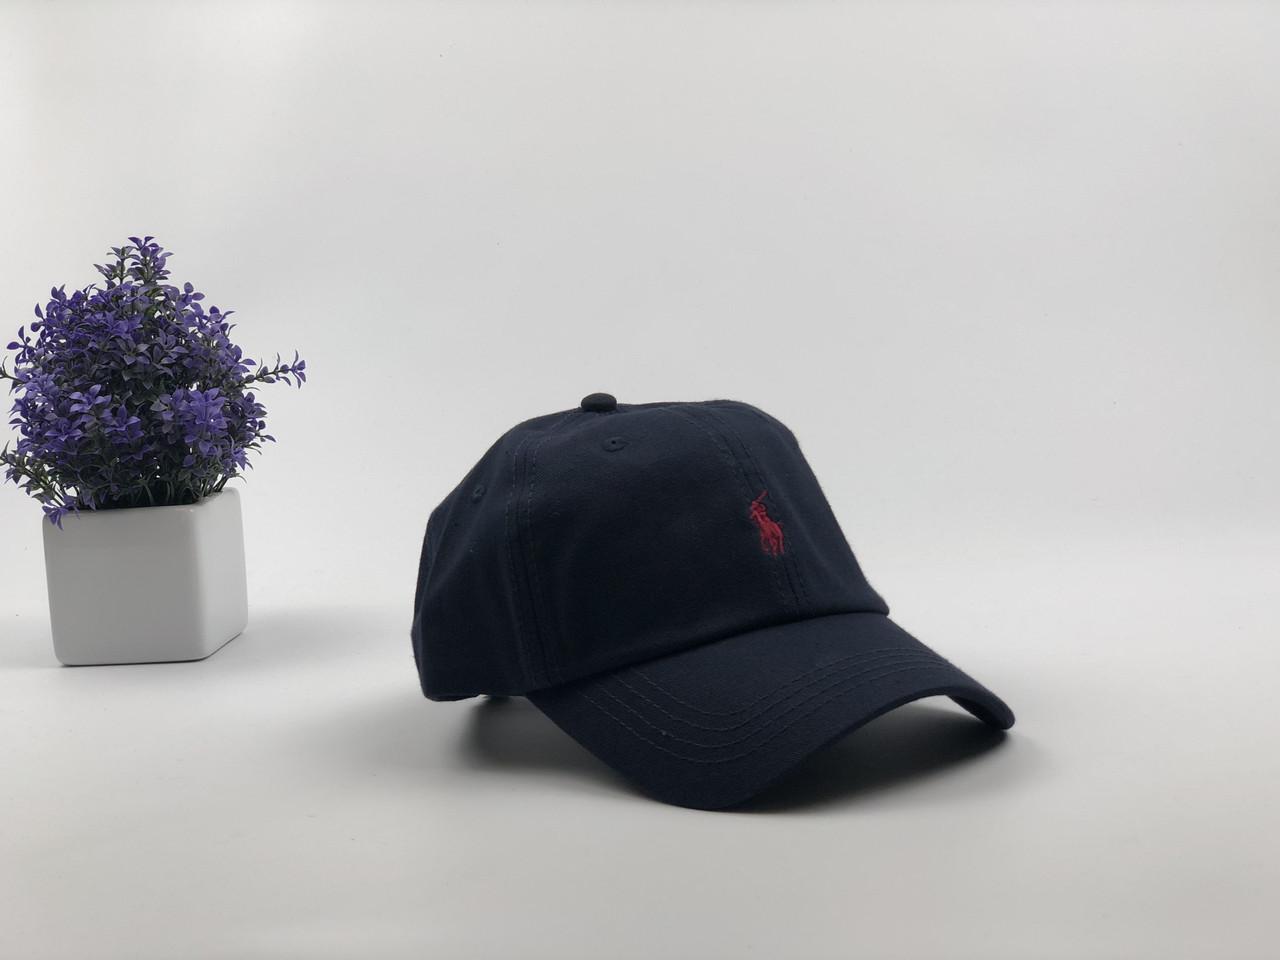 Кепка Бейсболка Мужская Женская Polo Ralph Lauren с тканевым ремешком Темно-Синяя с Красным лого